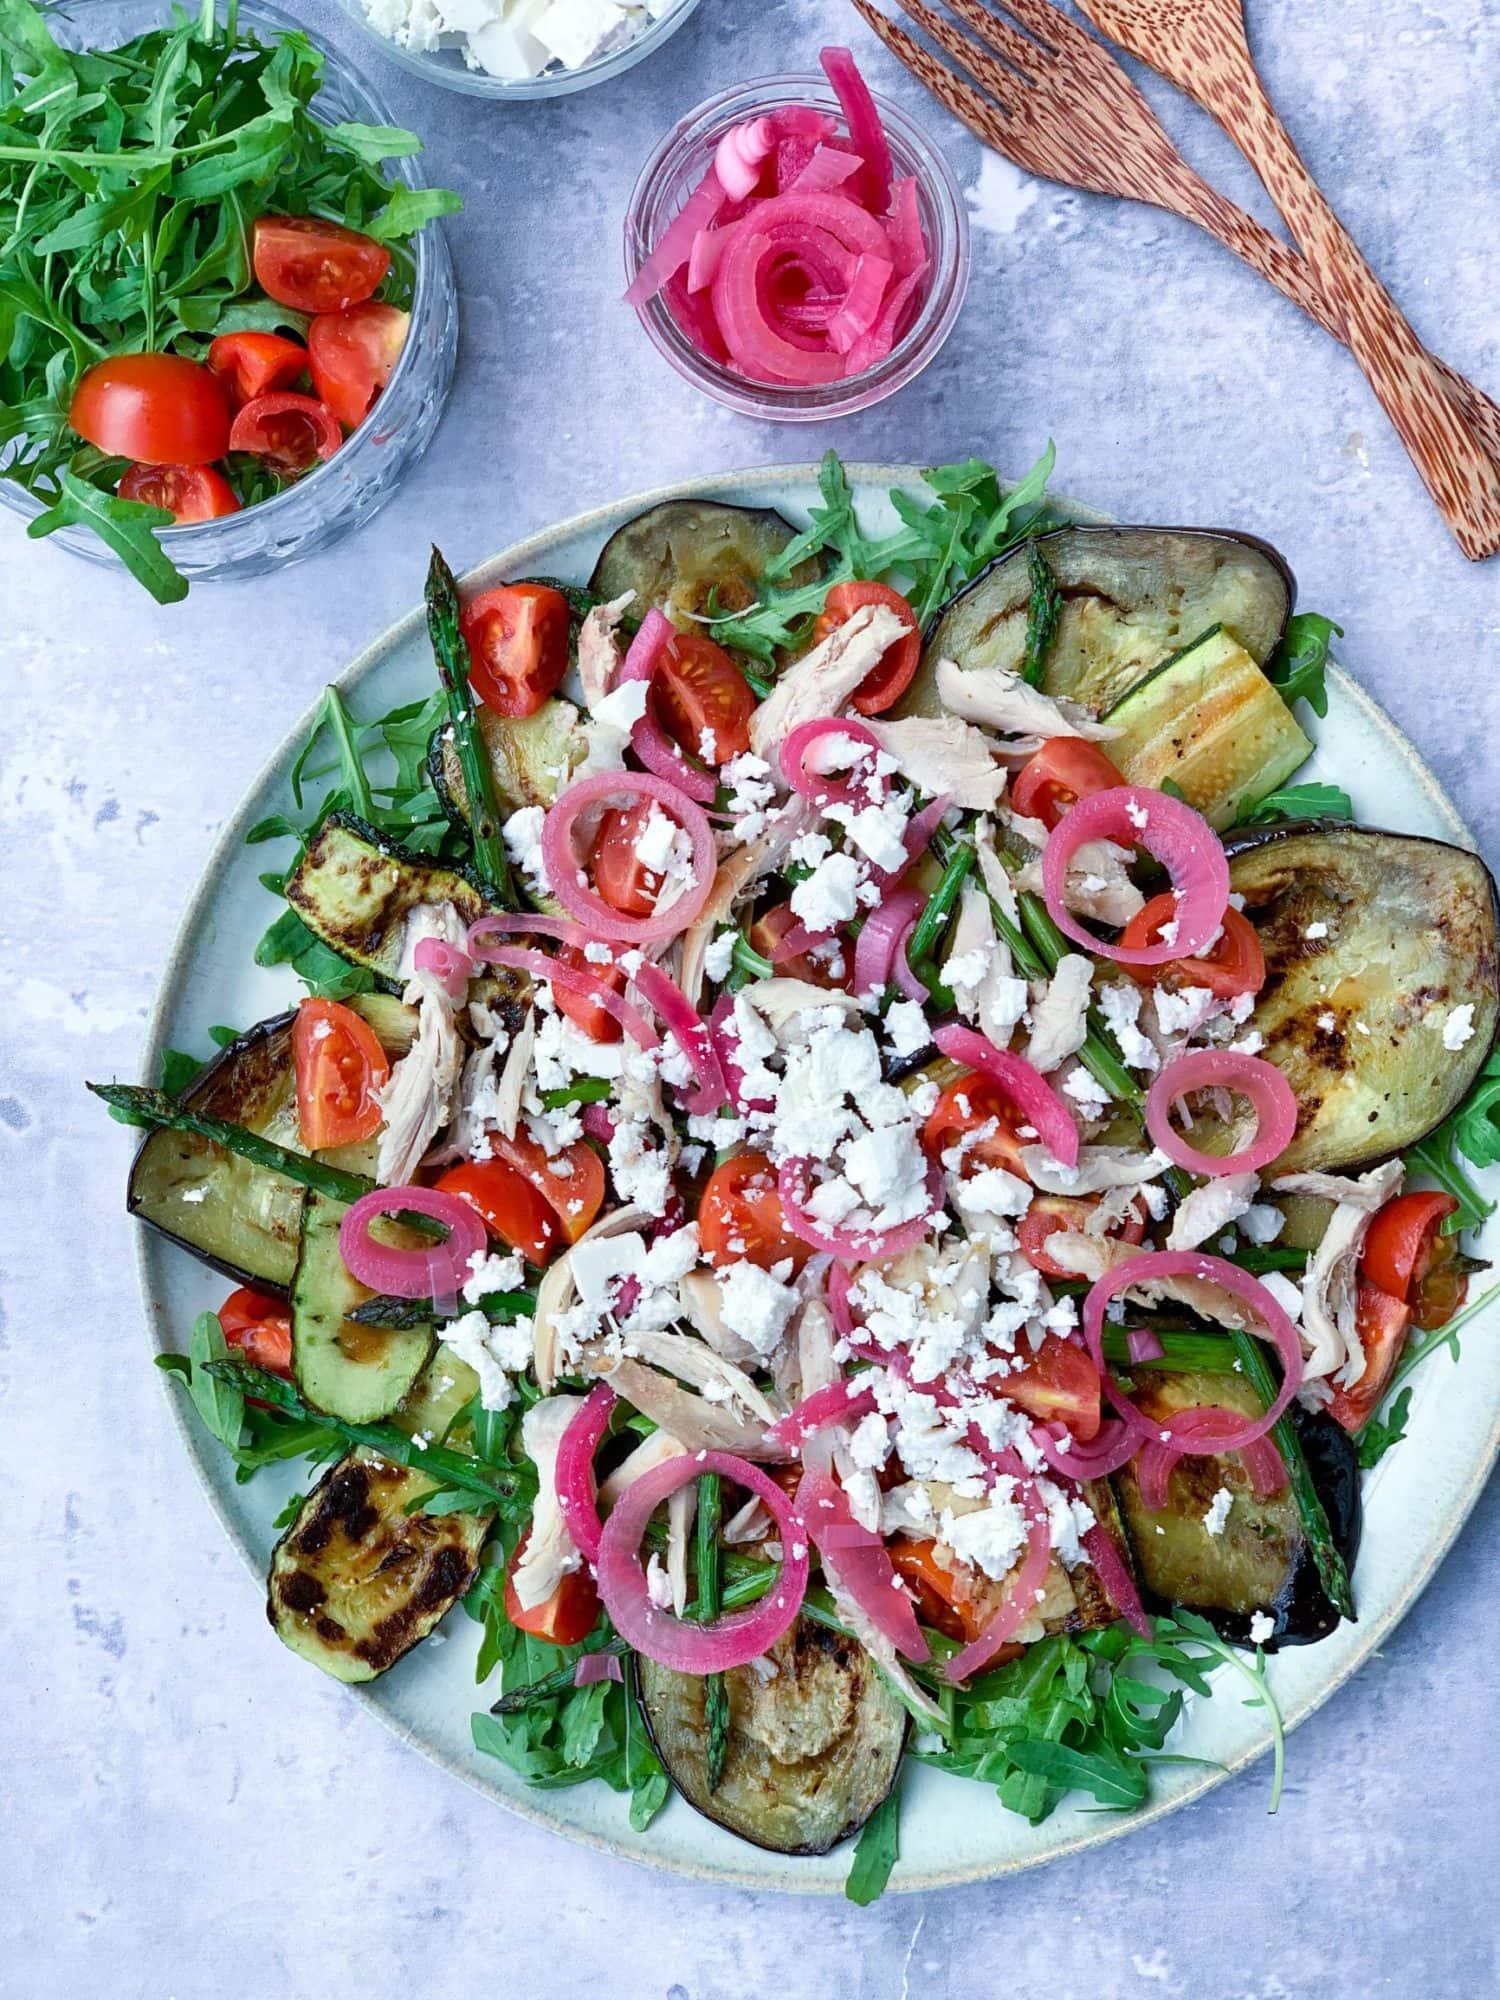 Frijsenborg salat med kylling og grillede grøntsager